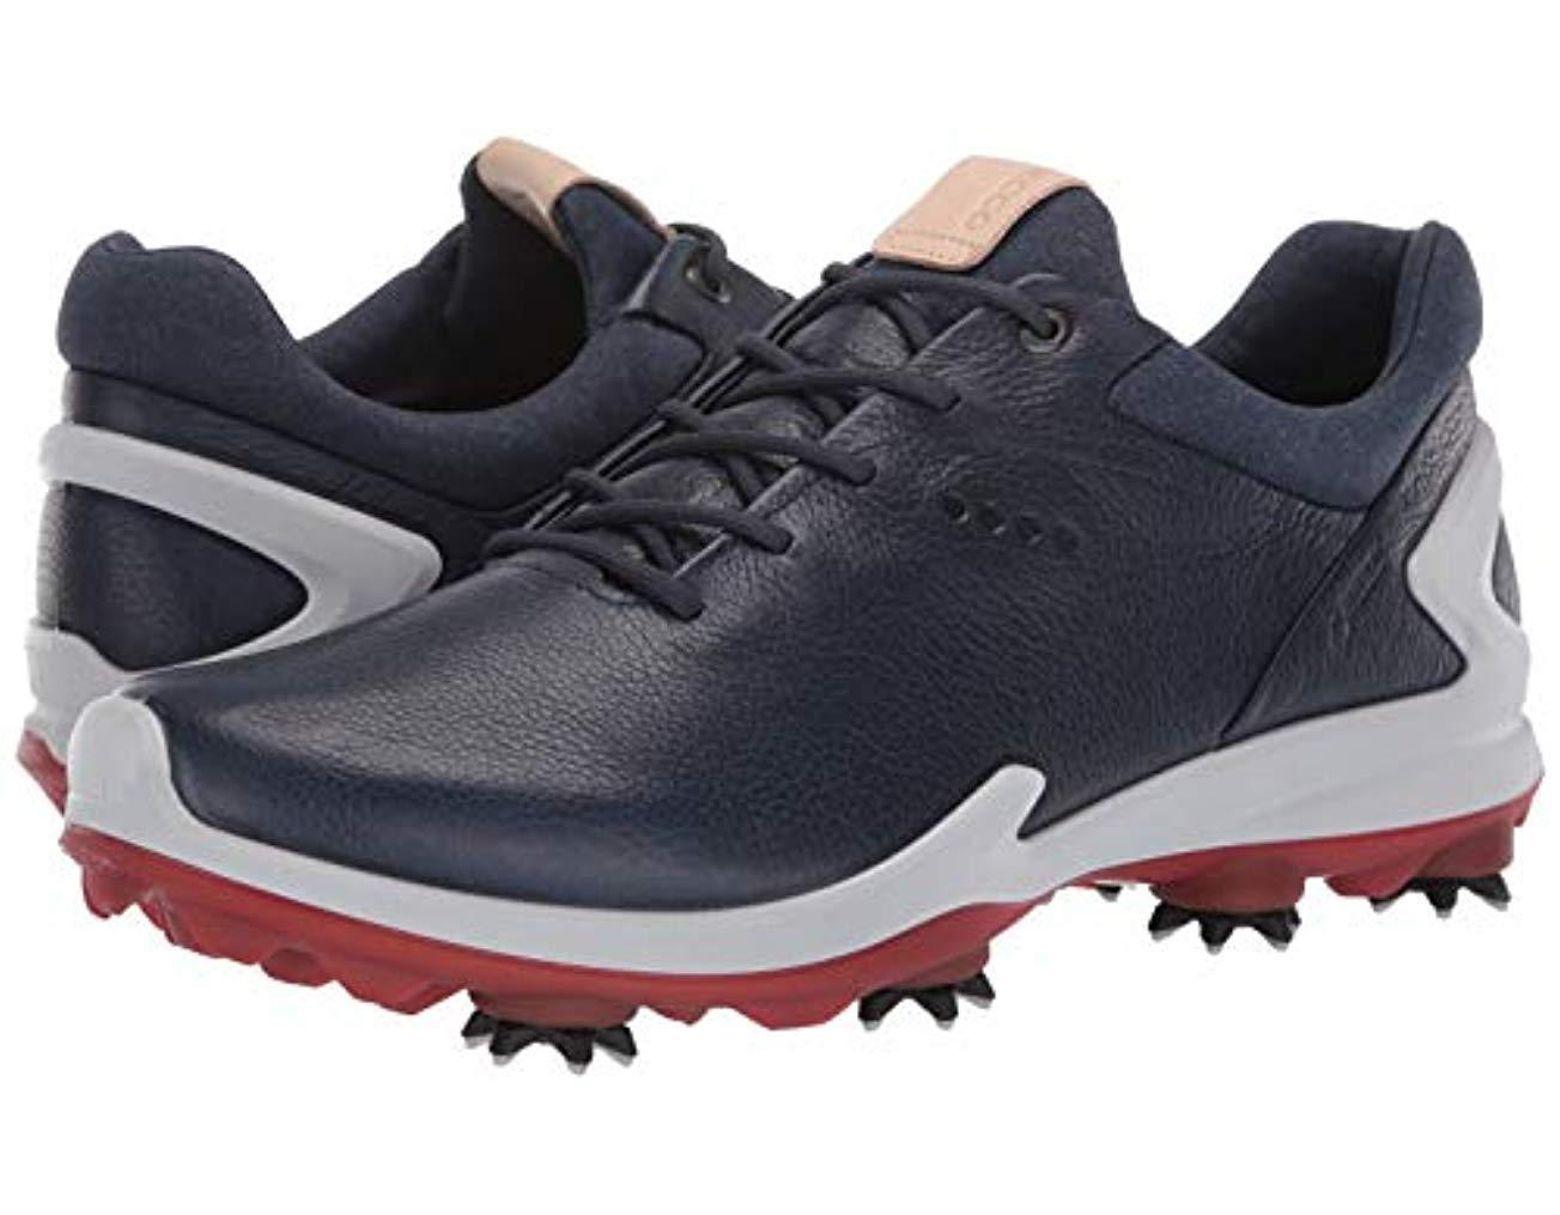 9080deaa8812a Ecco Biom G3 Gore-tex Golf Shoe in Blue for Men - Lyst